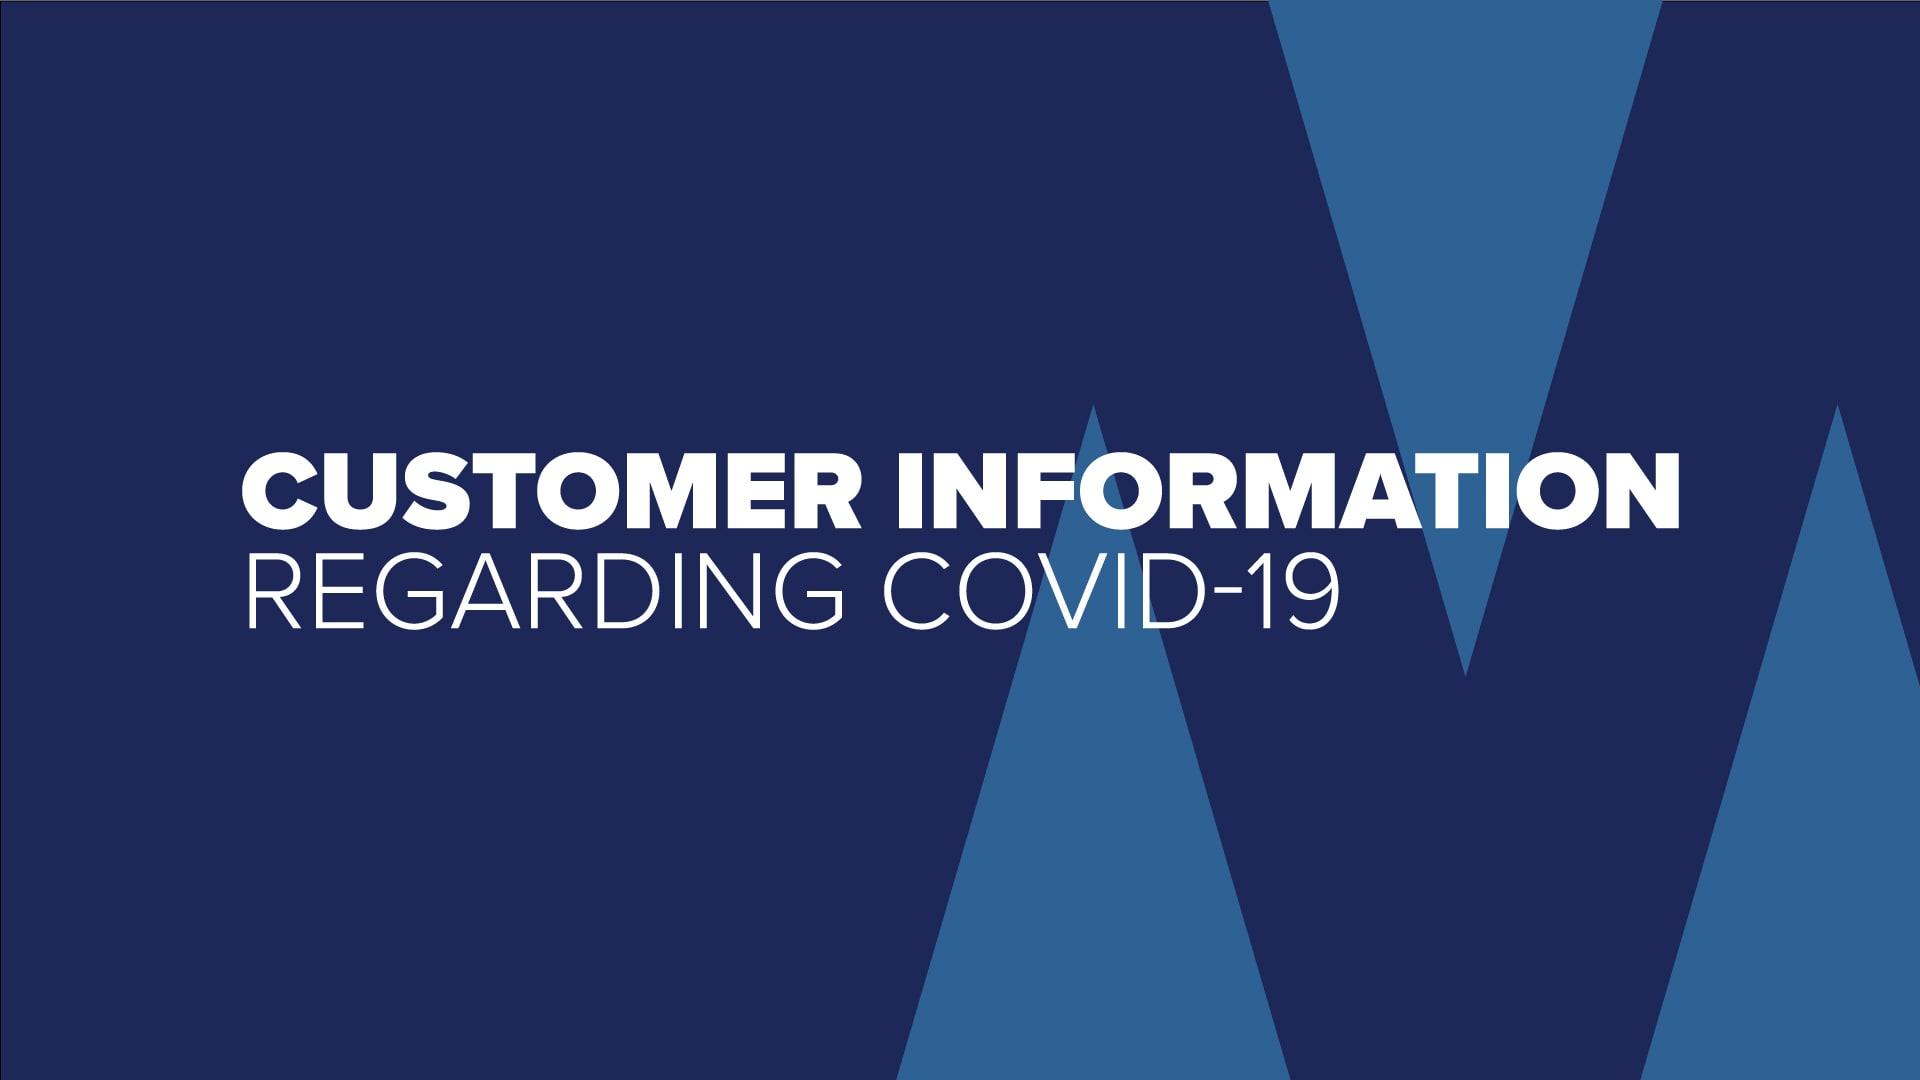 Customer Information regarding COVID-19